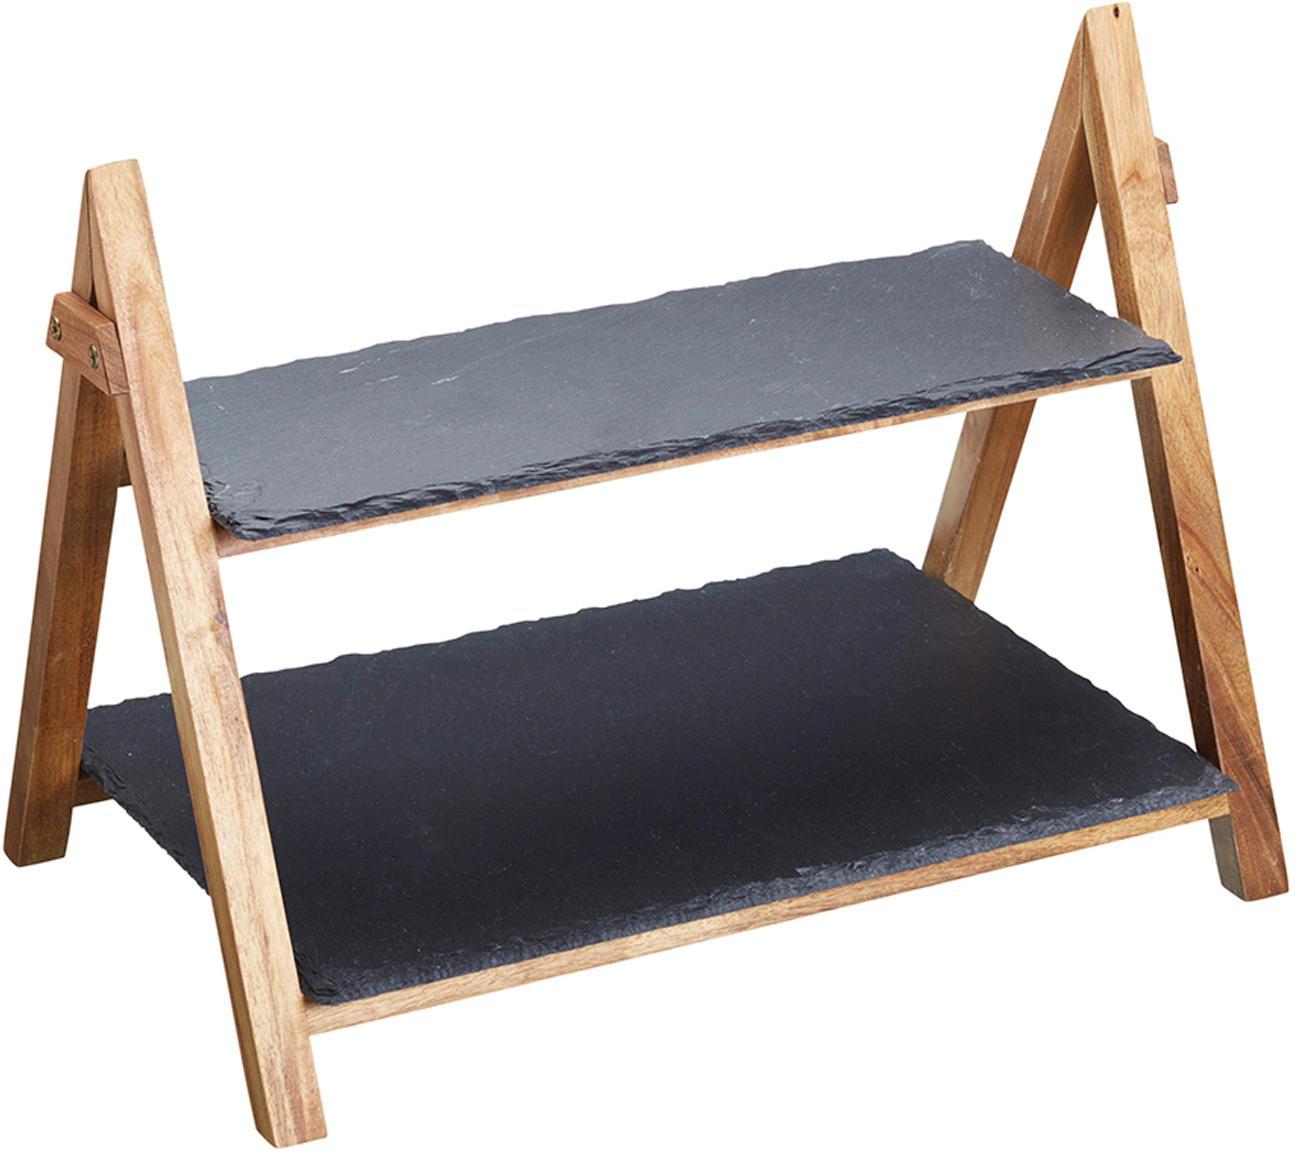 Etażerka Dark, Stelaż: drewno naturalne, Antracytowy, drewno naturalne, S 40 x W 34 cm